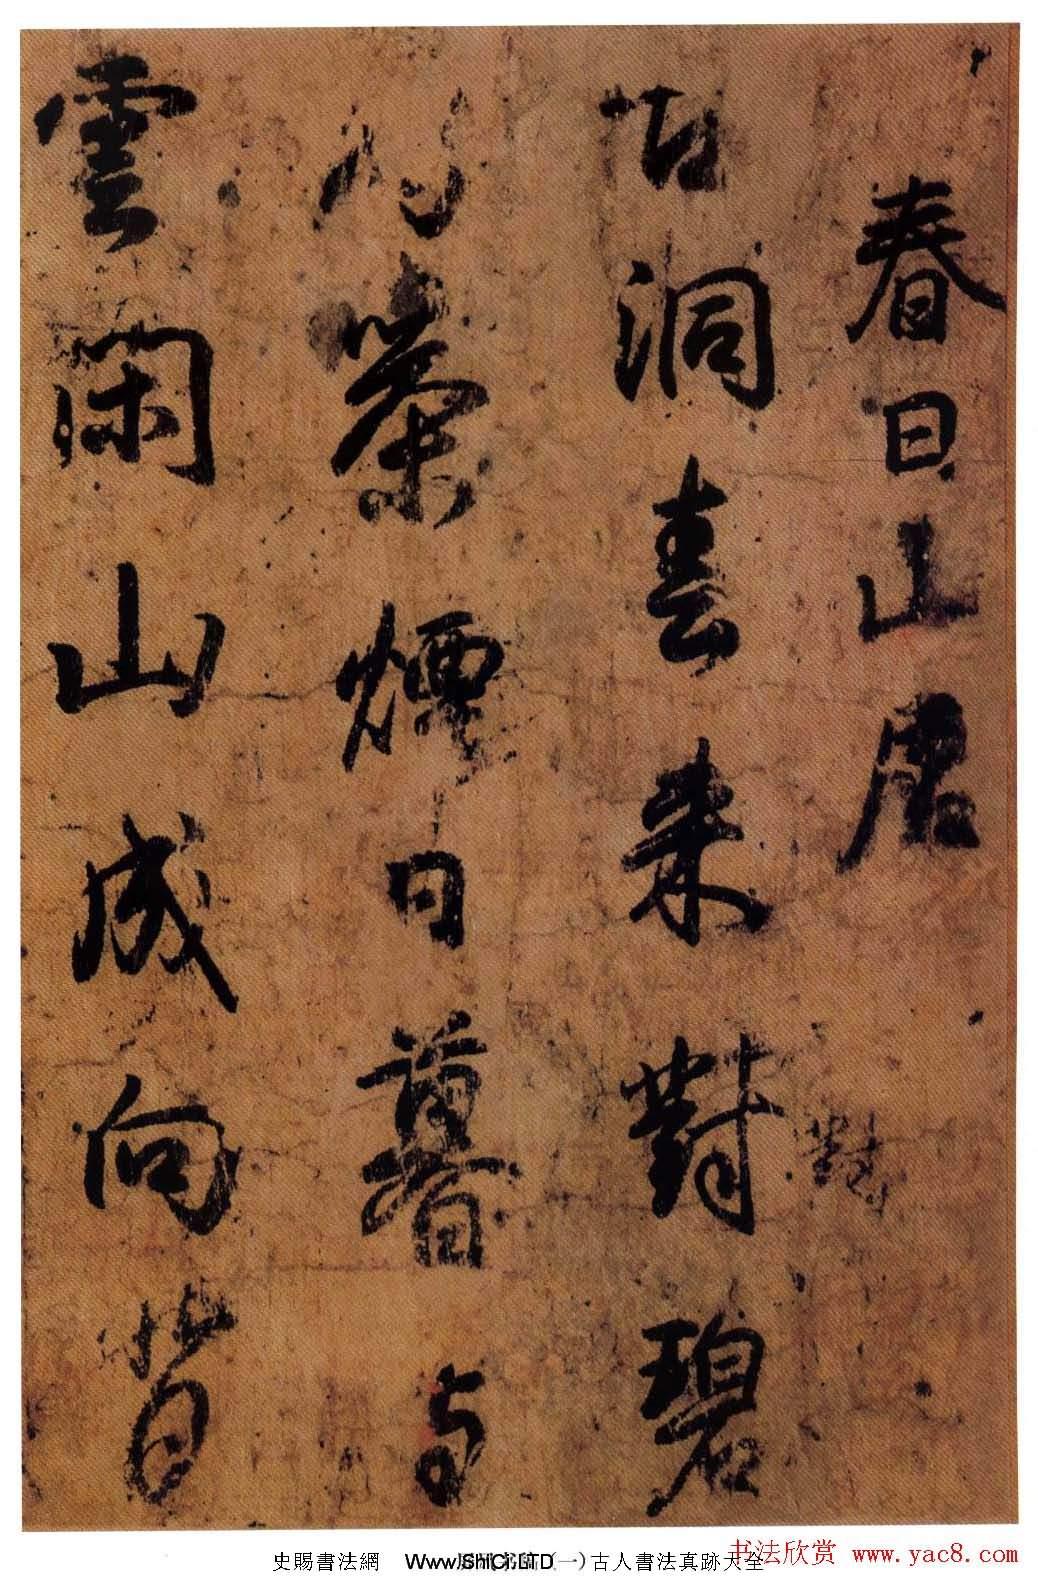 日本小野道風行草書法字帖《屏風草稿》(共25張圖片)